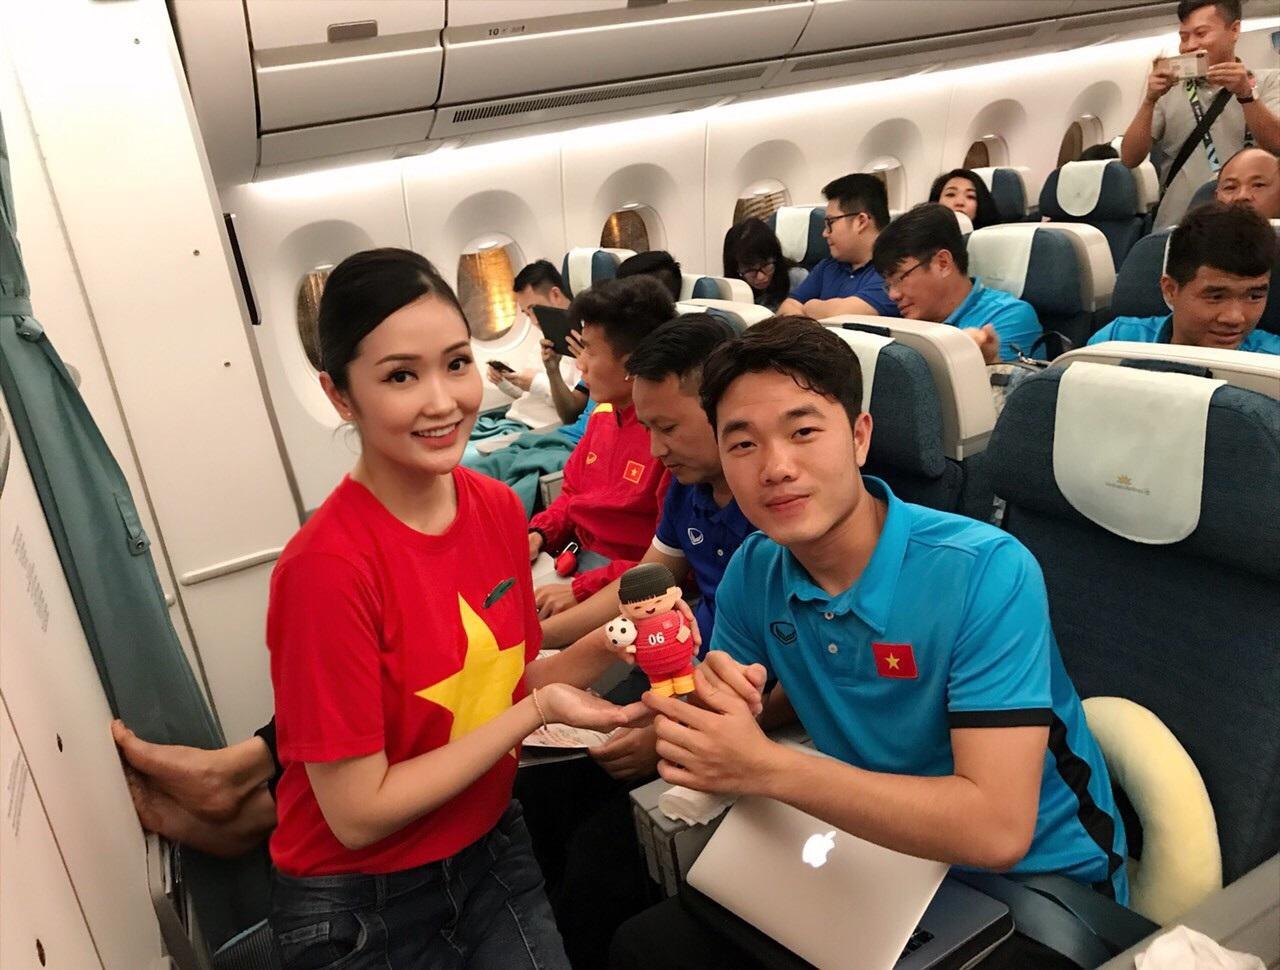 Món quà đặc biệt dành tặng thầy trò HLV Park Hang Seo trên máy bay - Ảnh 5.